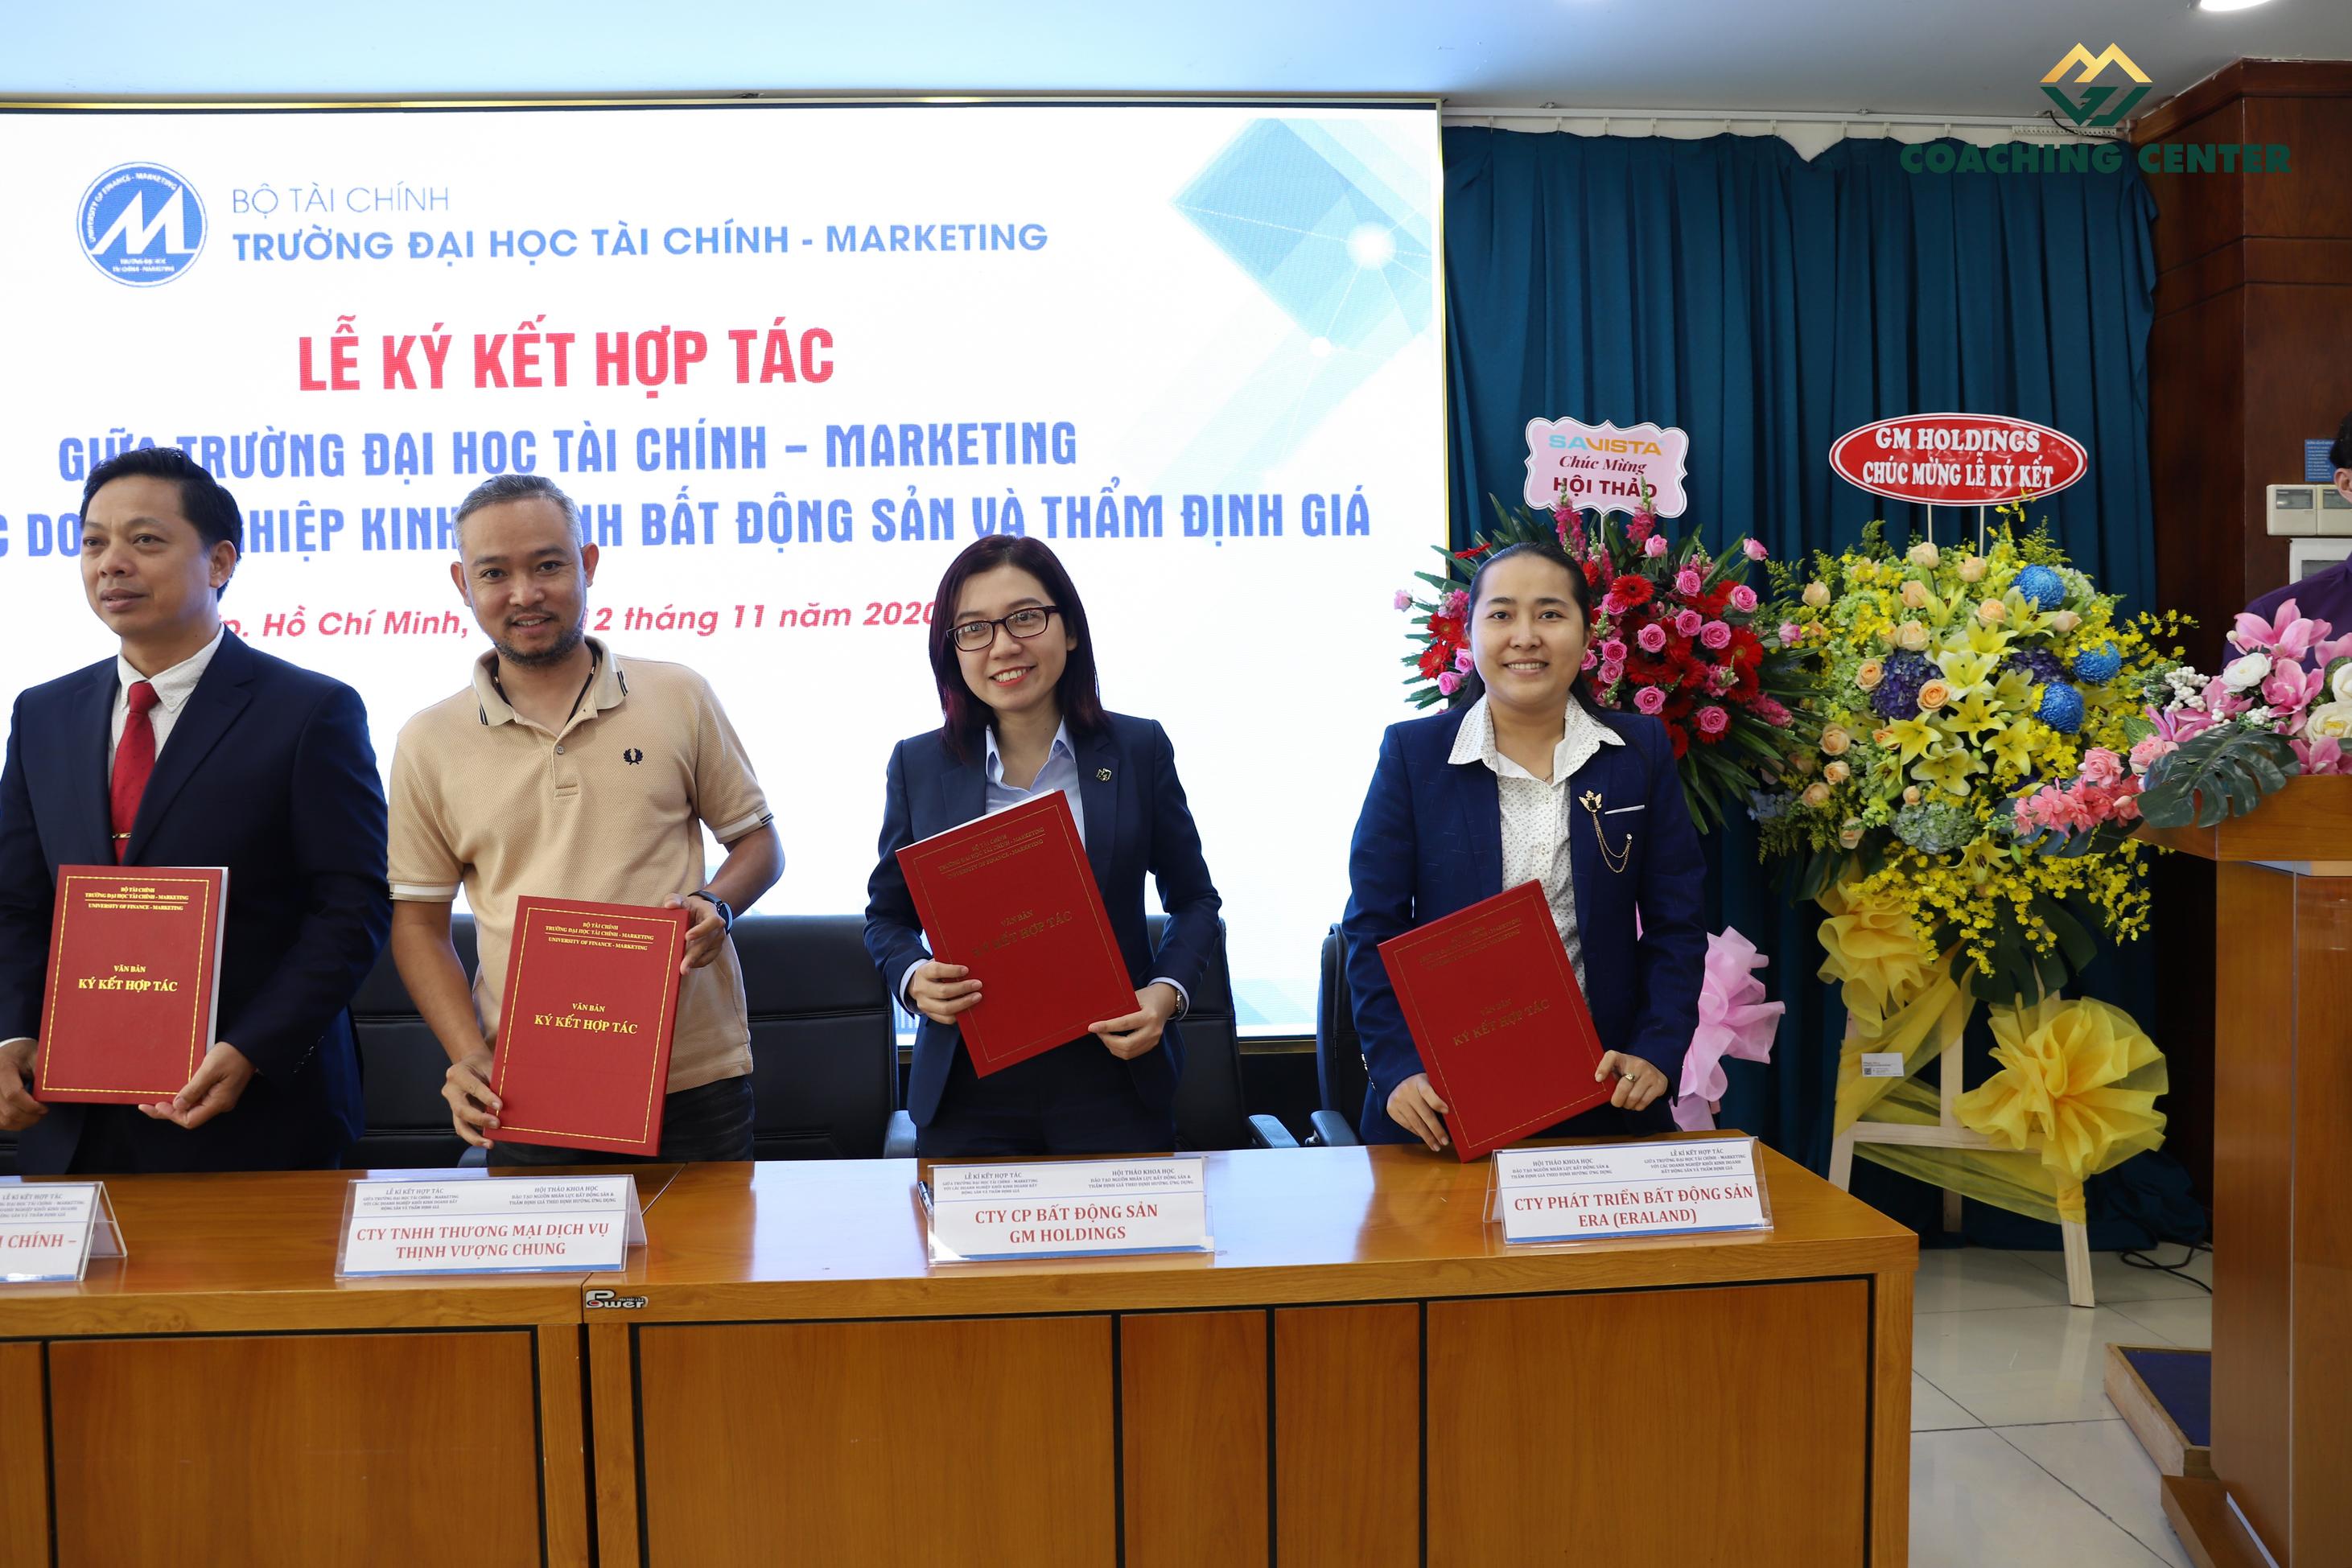 GM Holdings ký kết hợp tác đào tạo với ĐH Kinh Tế TP.HCM, ĐH Tài Chính – Marketing - 8